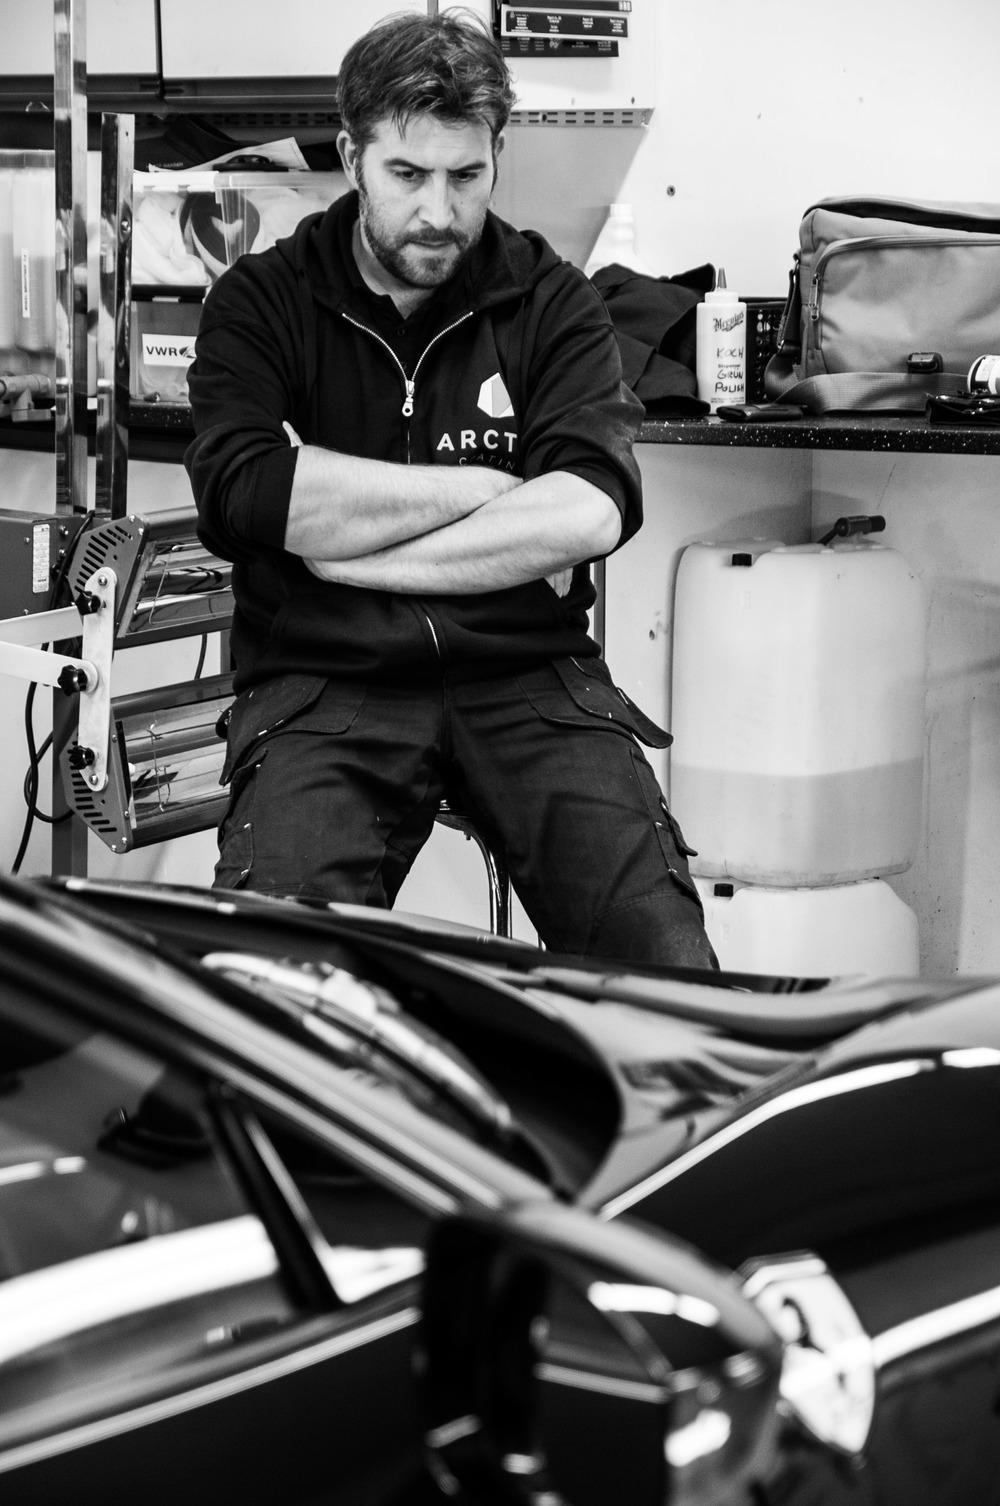 Jan werner - 458 speciale (blackwhite)-9.jpg